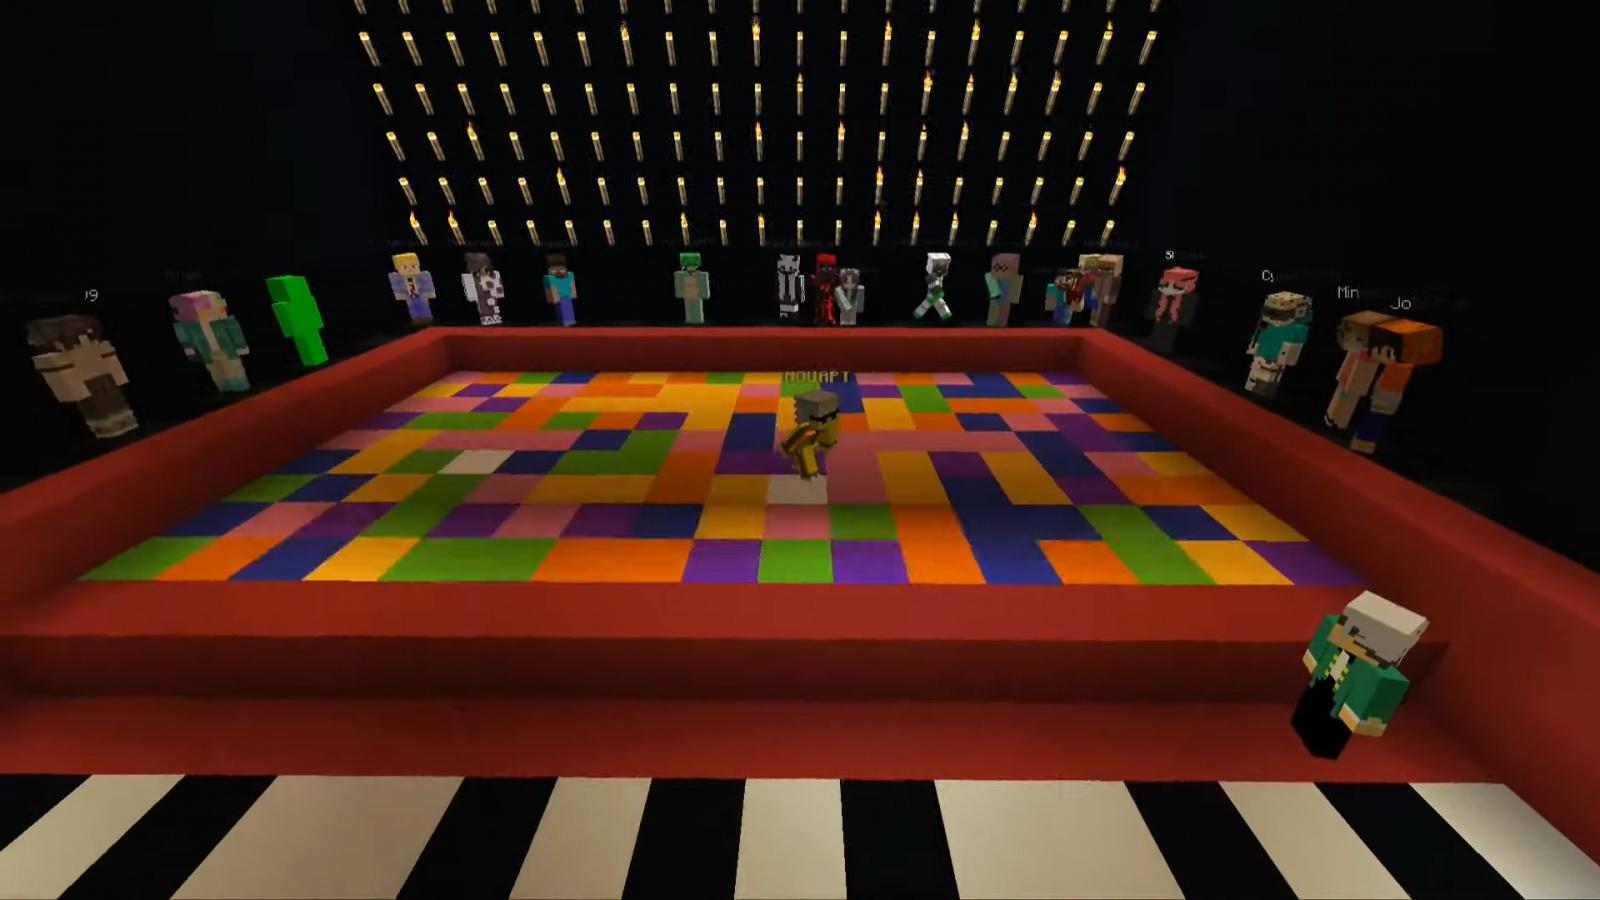 Реальный спектакль в виртуальной среде: Большой драматический театр открыл филиал в Minecraft - 6